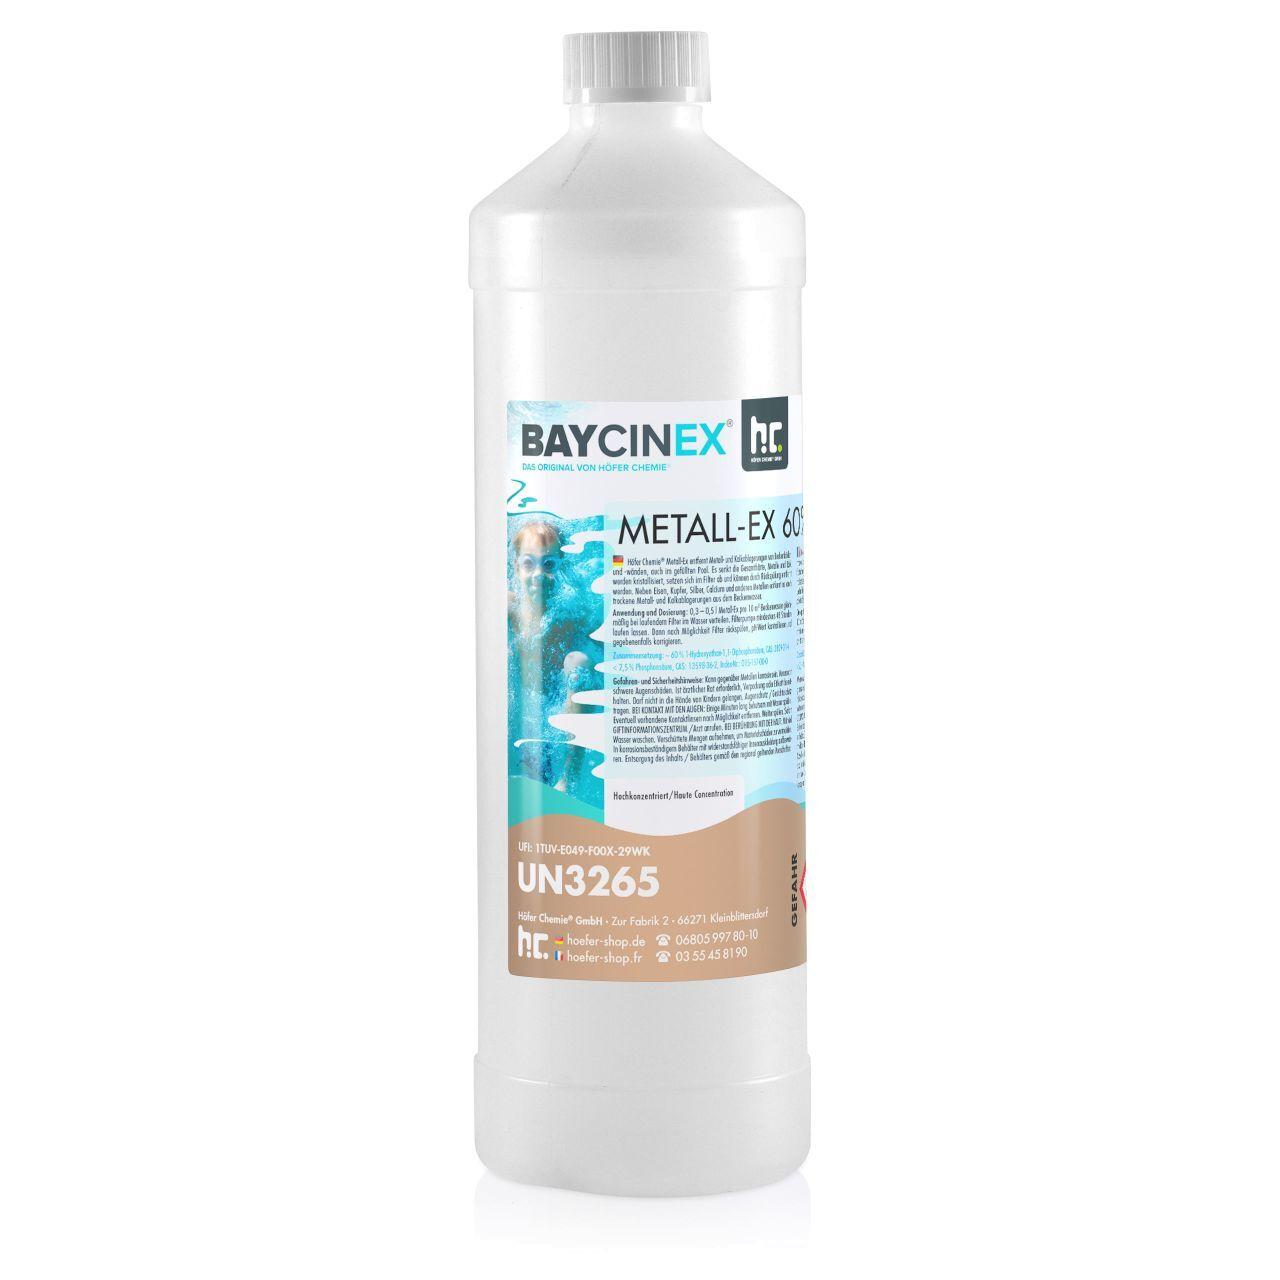 Höfer Chemie 15 l BAYCINEX® Séquestrant Métaux Anti-Métaux (15 x 1 l)